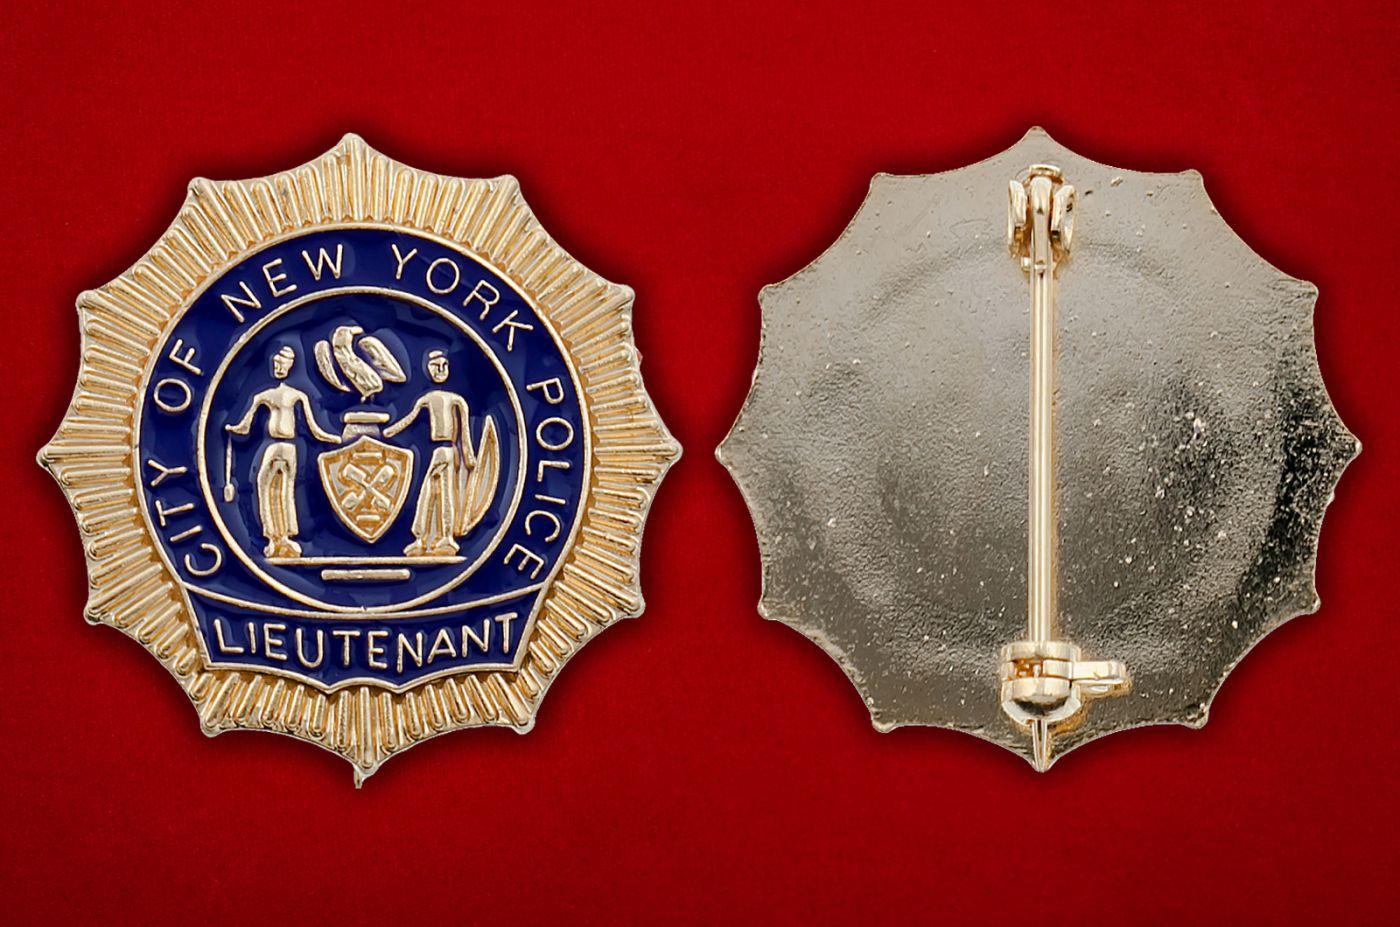 Значок лейтенанта полиции Нью-Йорка - аверс и реверс